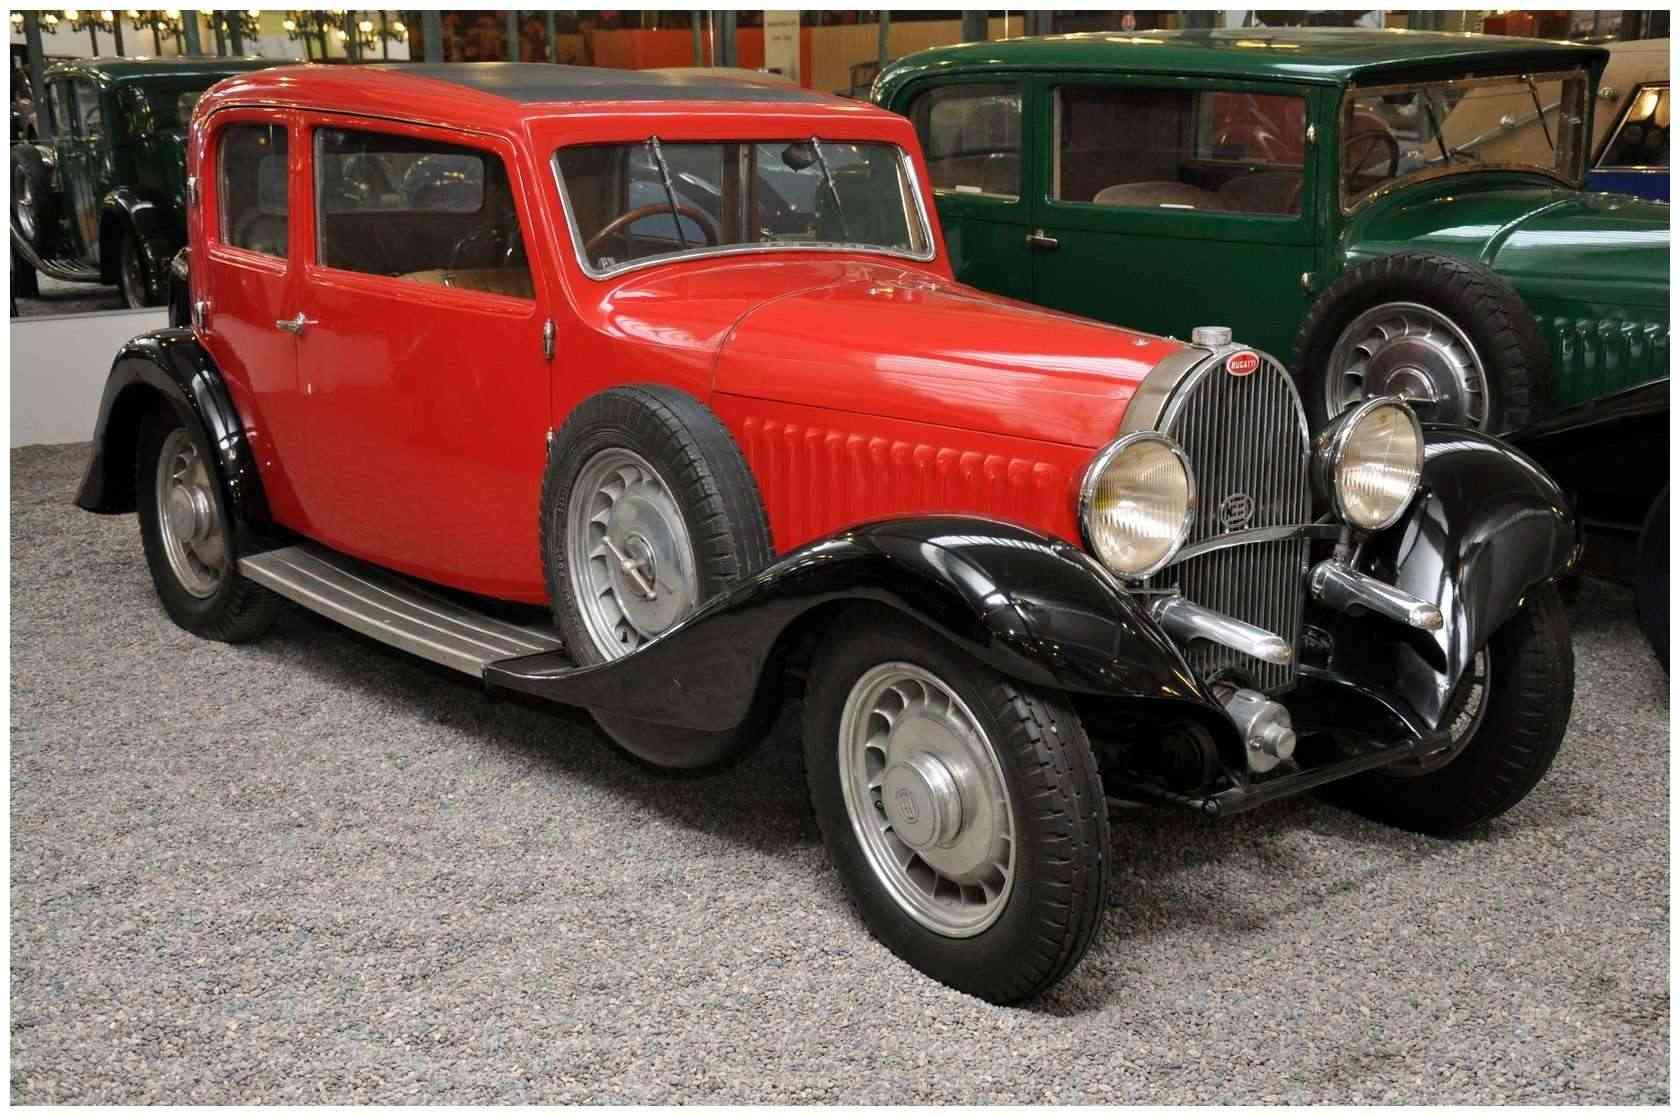 Mulhouse: La Cité de l' automobile, the largest car museum in the world. Bugatt17